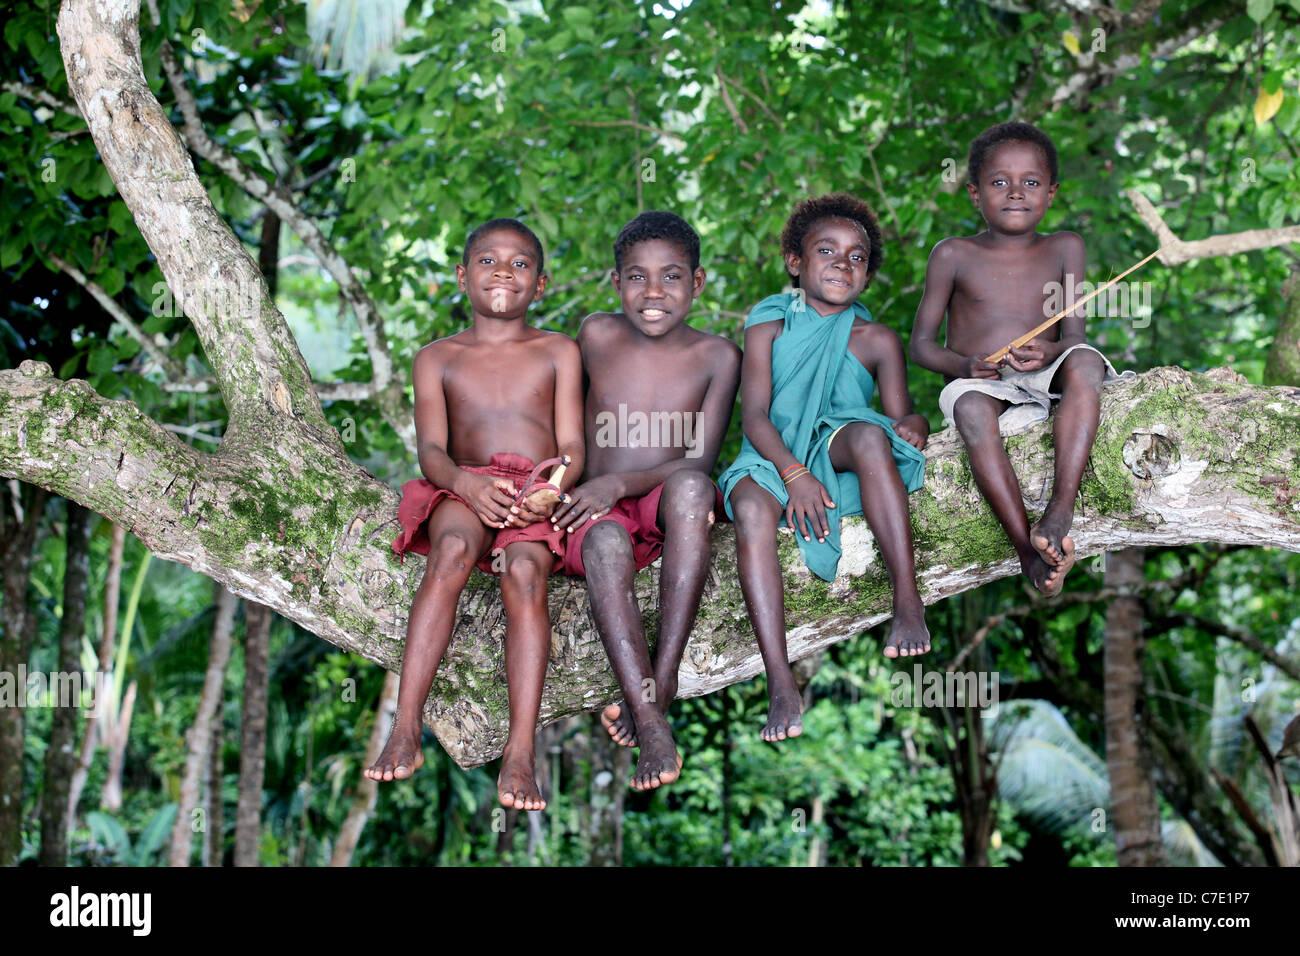 Los muchachos el emplazamiento en un tronco de un árbol, la Isla Bougainville, Papua Nueva Guinea Imagen De Stock